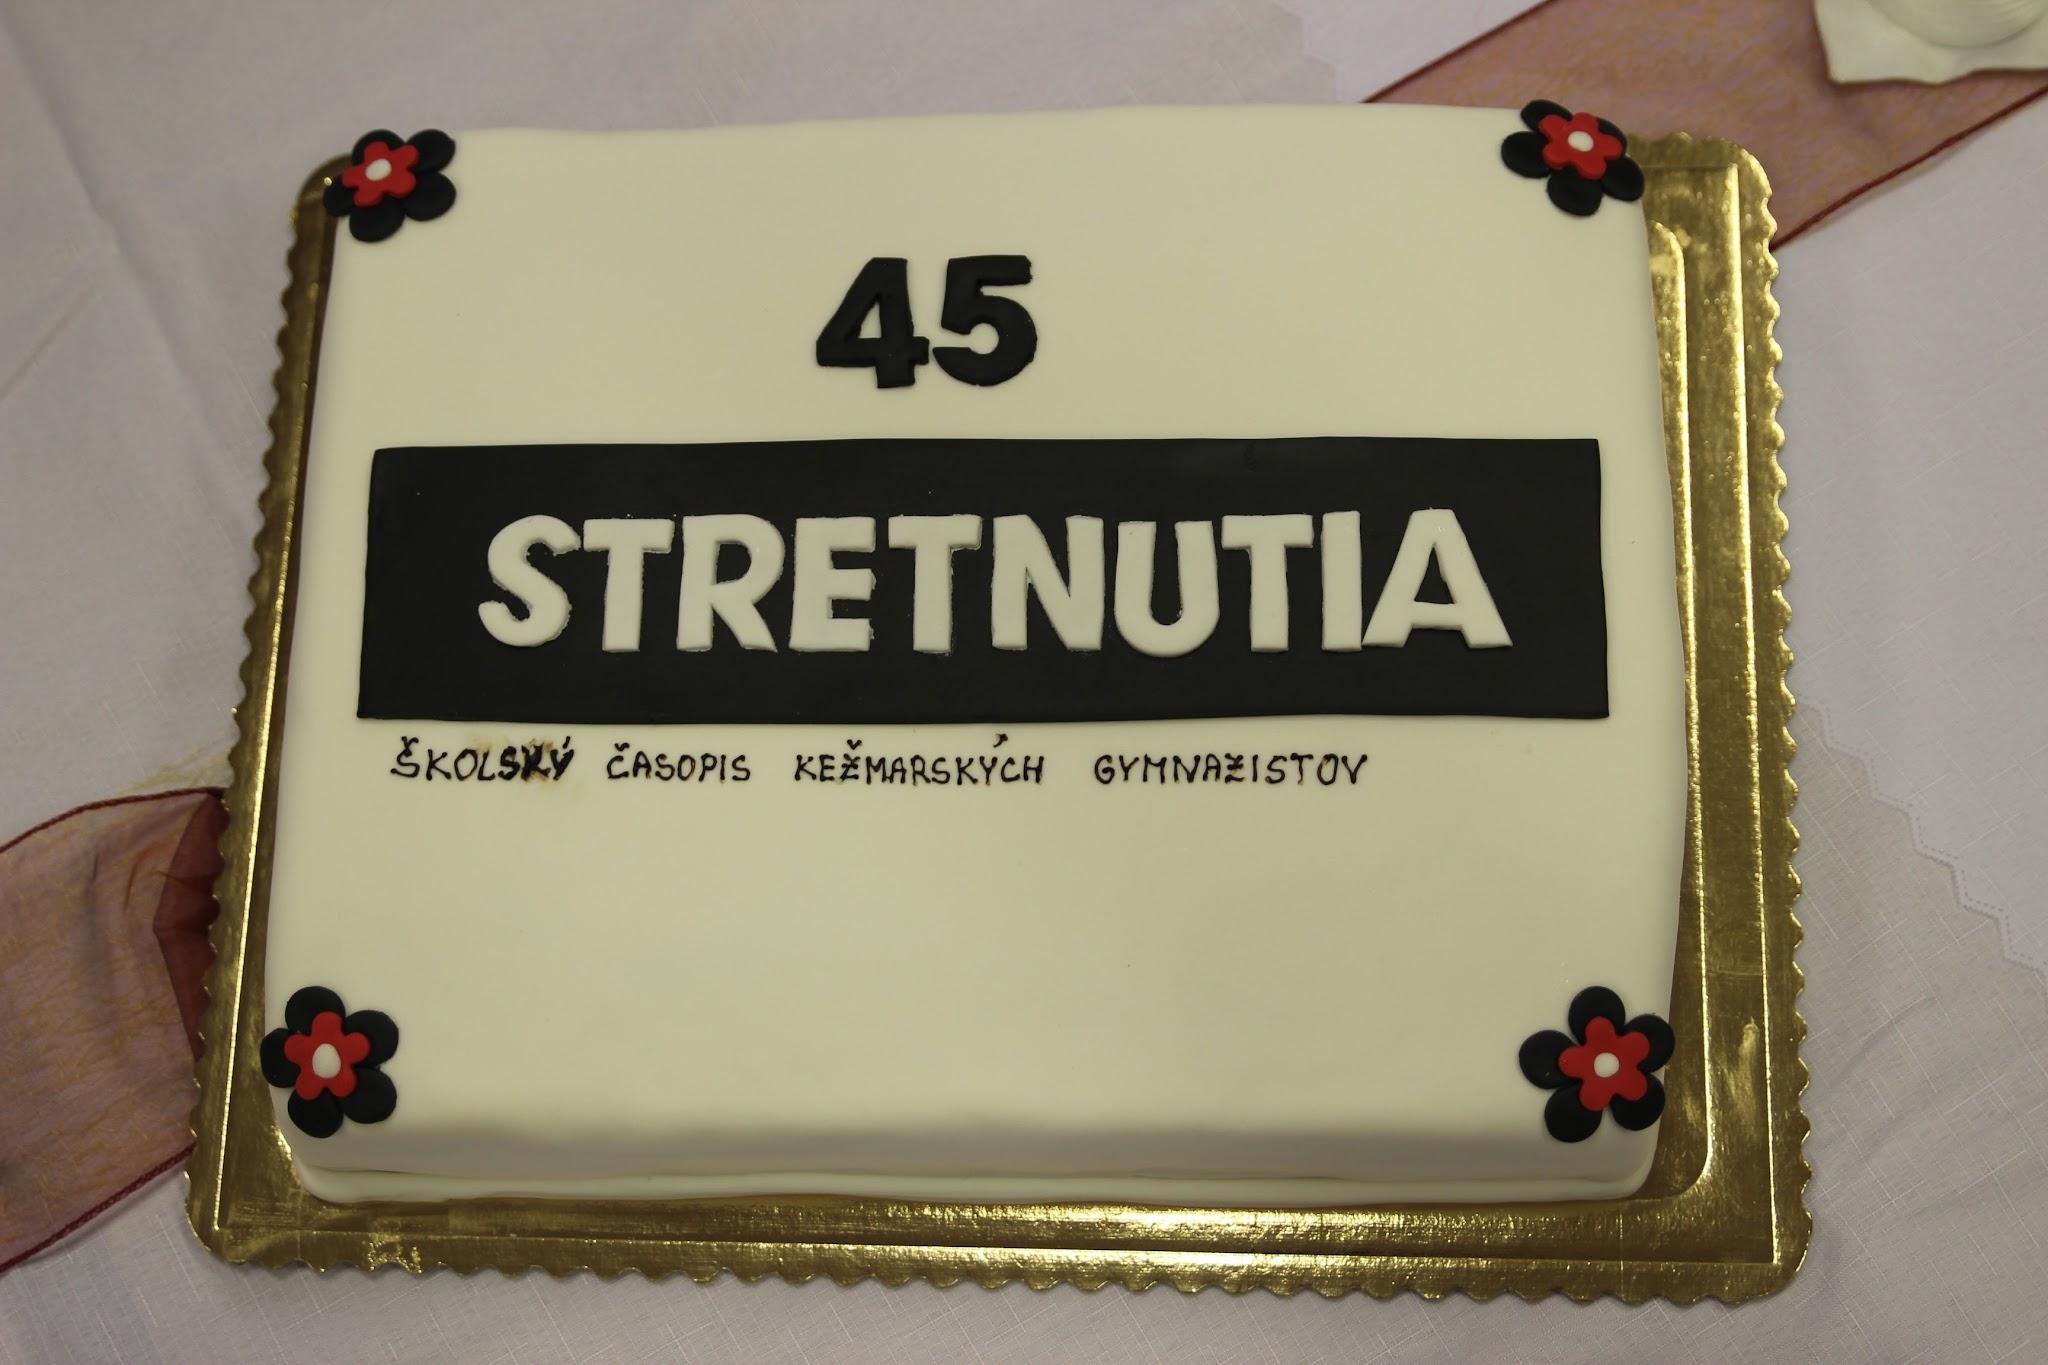 45. výročie založenia STRETNUTIA